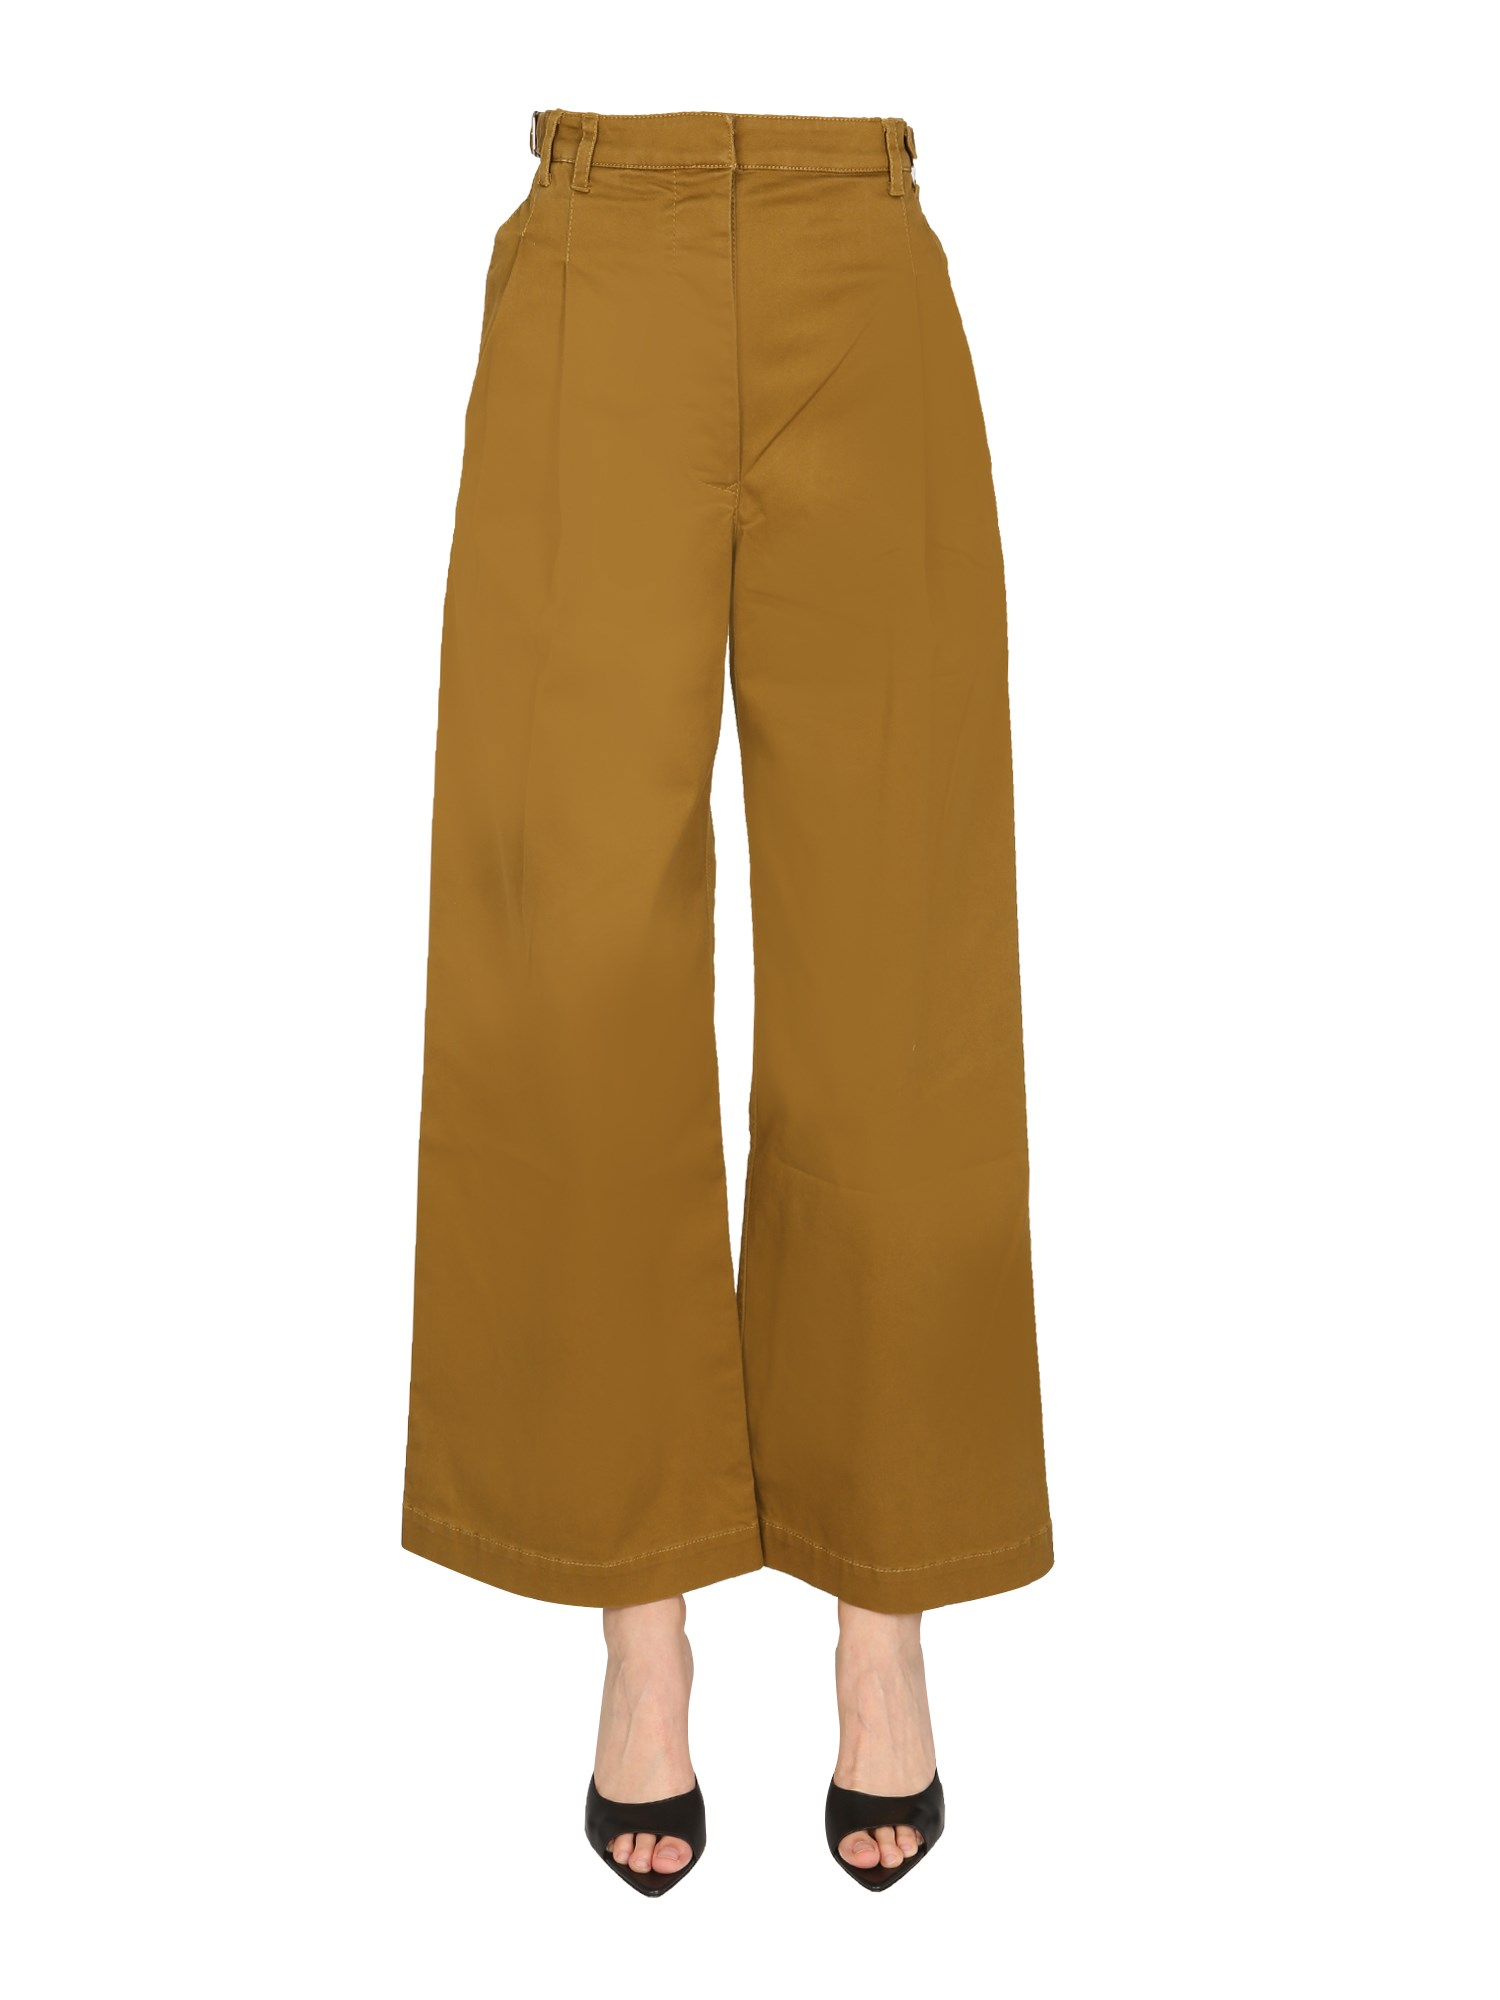 Cotton twill trousers - proenza schouler white label - Modalova